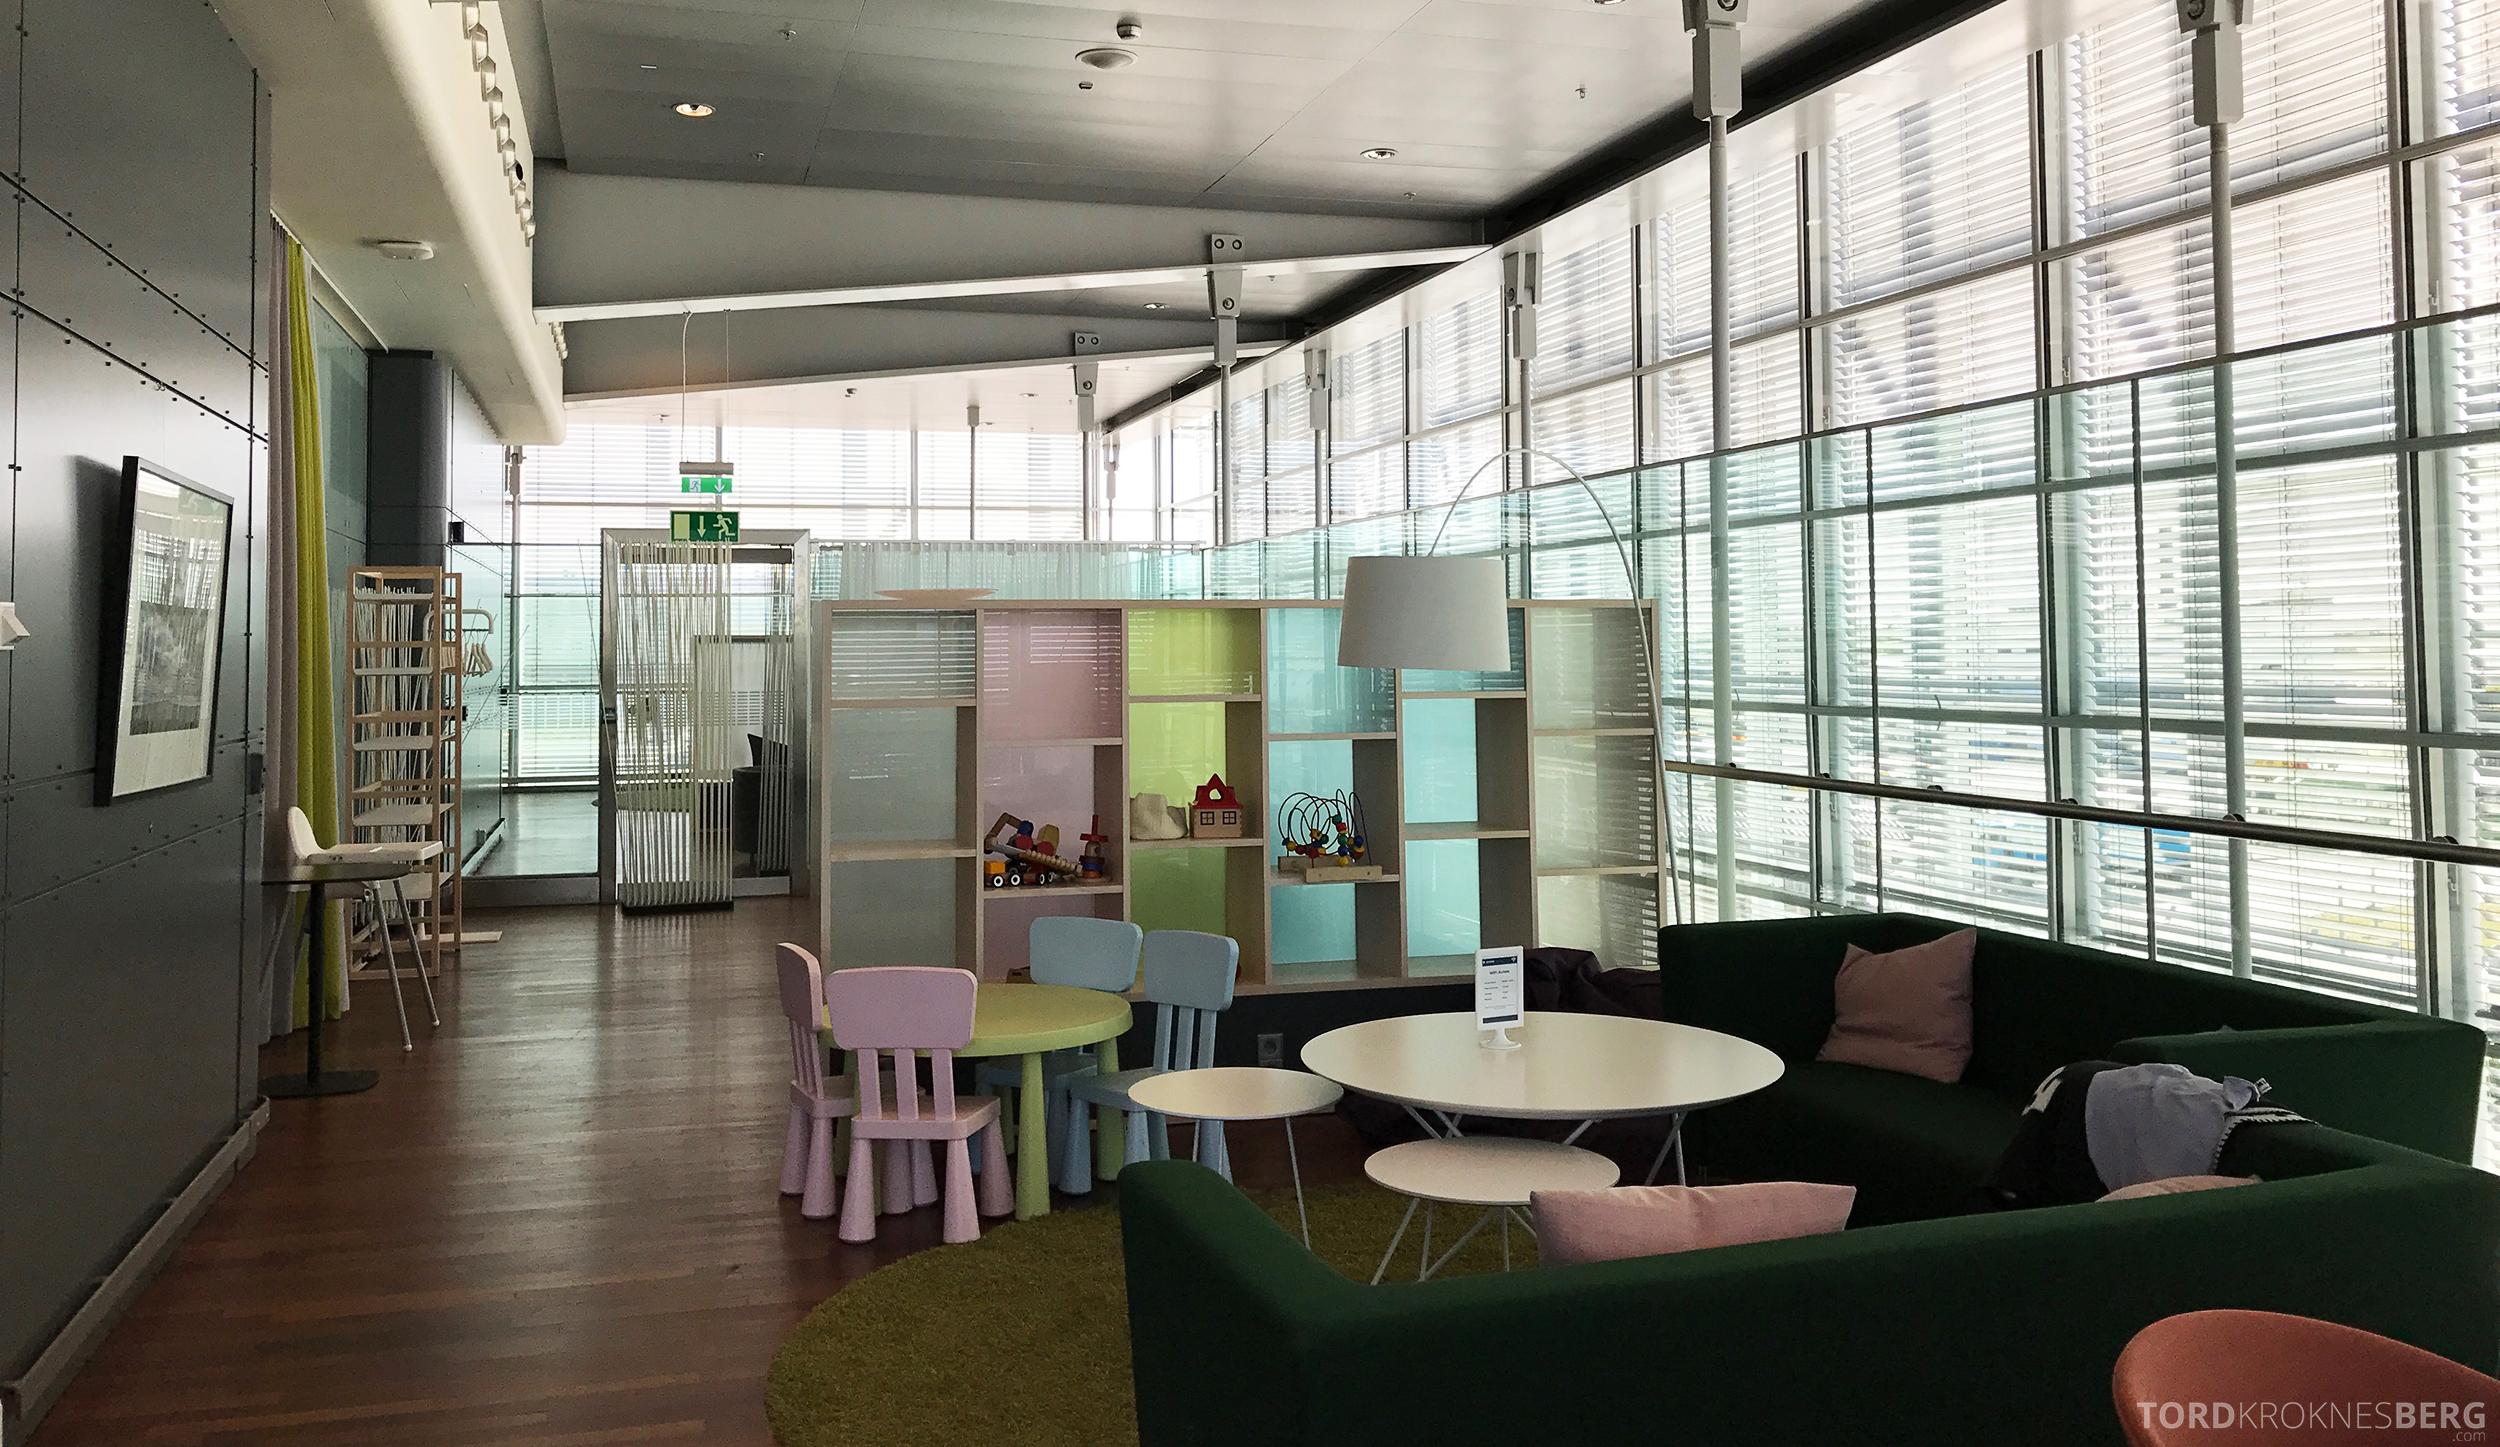 Stockholm Arlanda Lounge barneavdeling